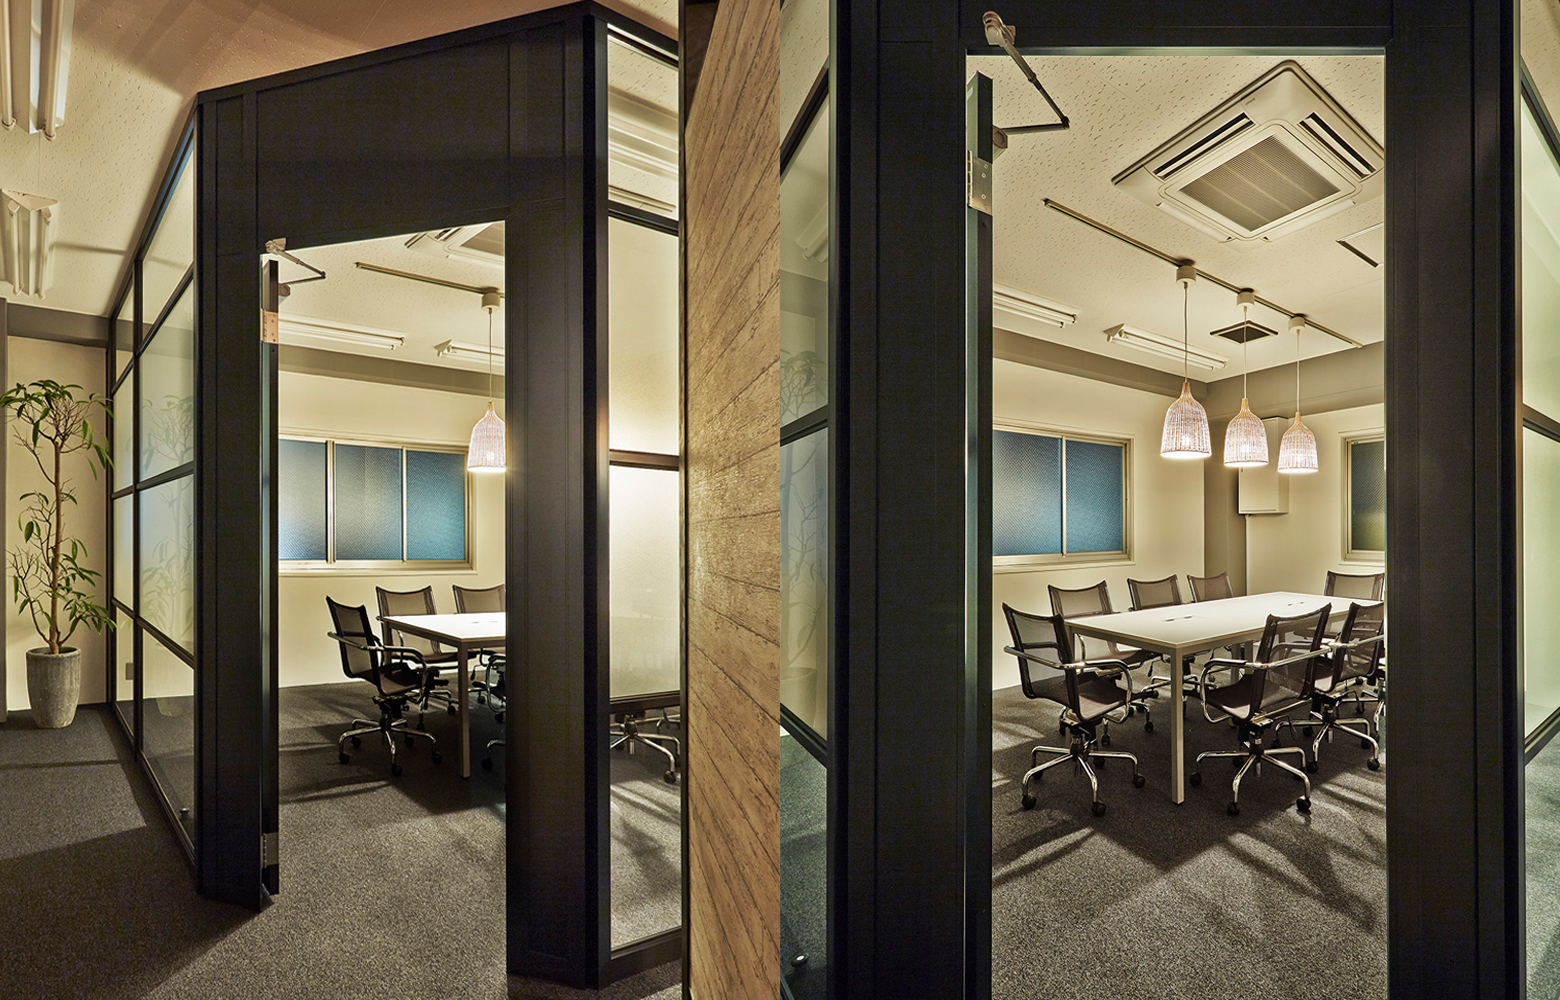 株式会社ウィット Meeting Room Door デザイン・レイアウト事例